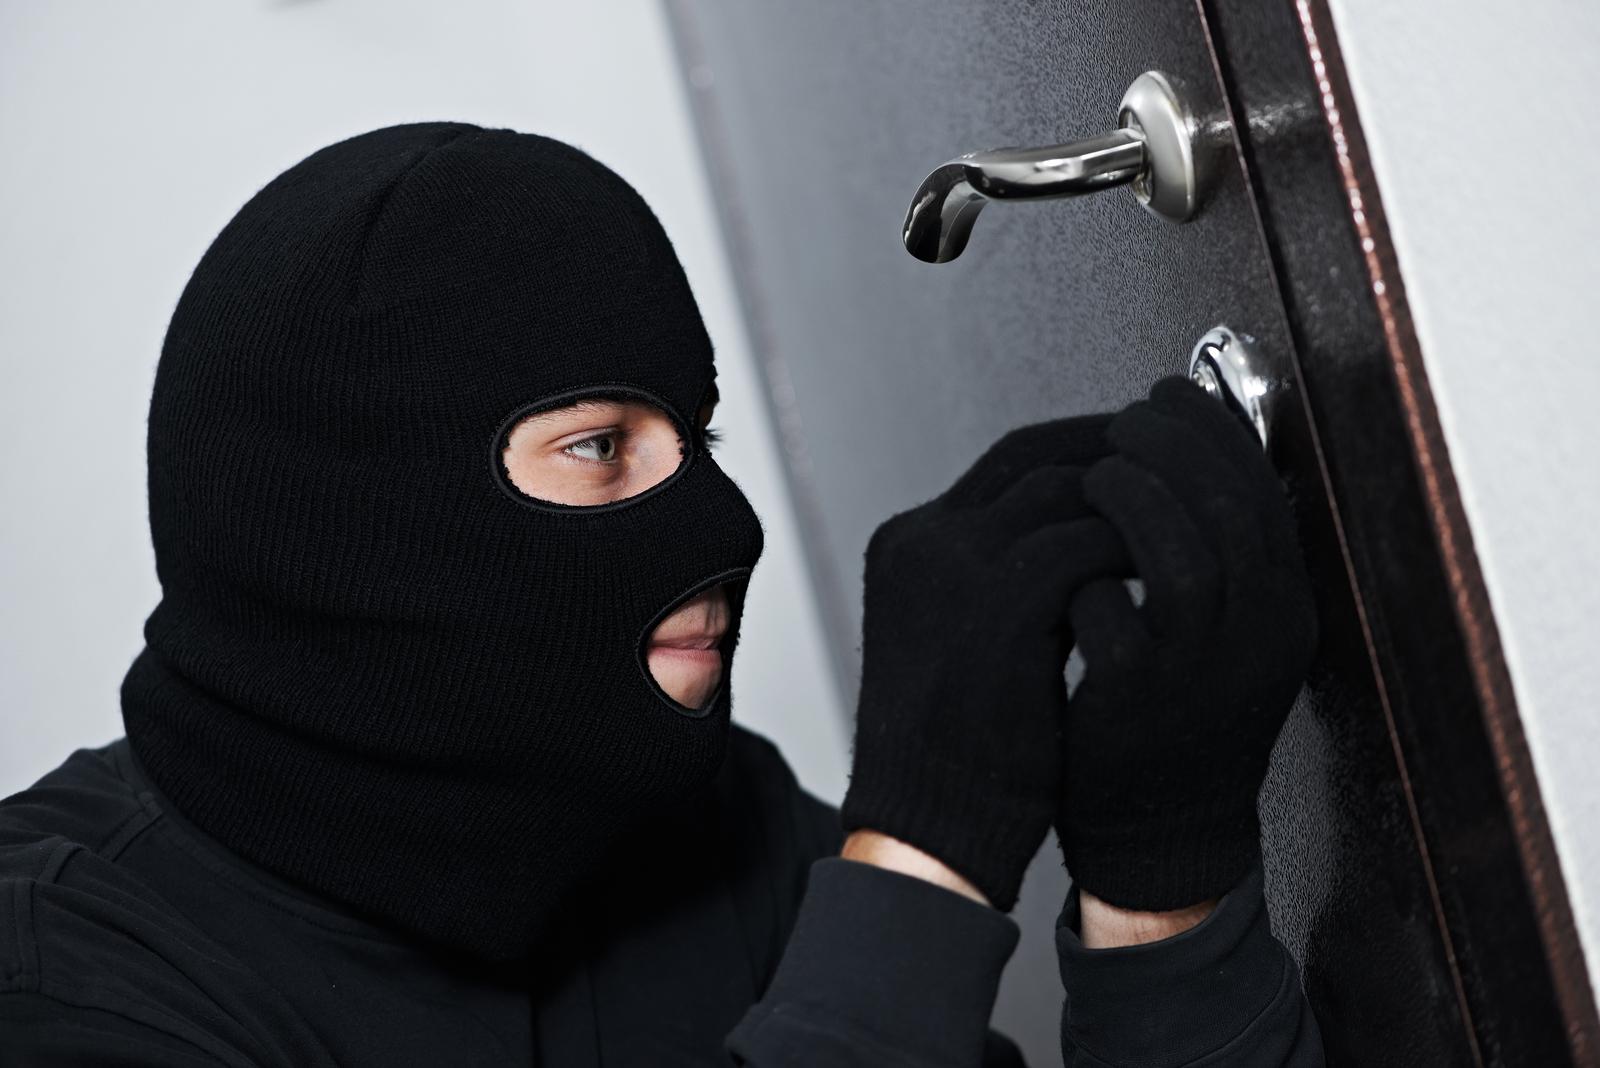 Քաղաքացին բռնել է հարևան տնից գողության փորձ կատարողներին, սակայն վերջիններս նրան հարվածել և փախել են